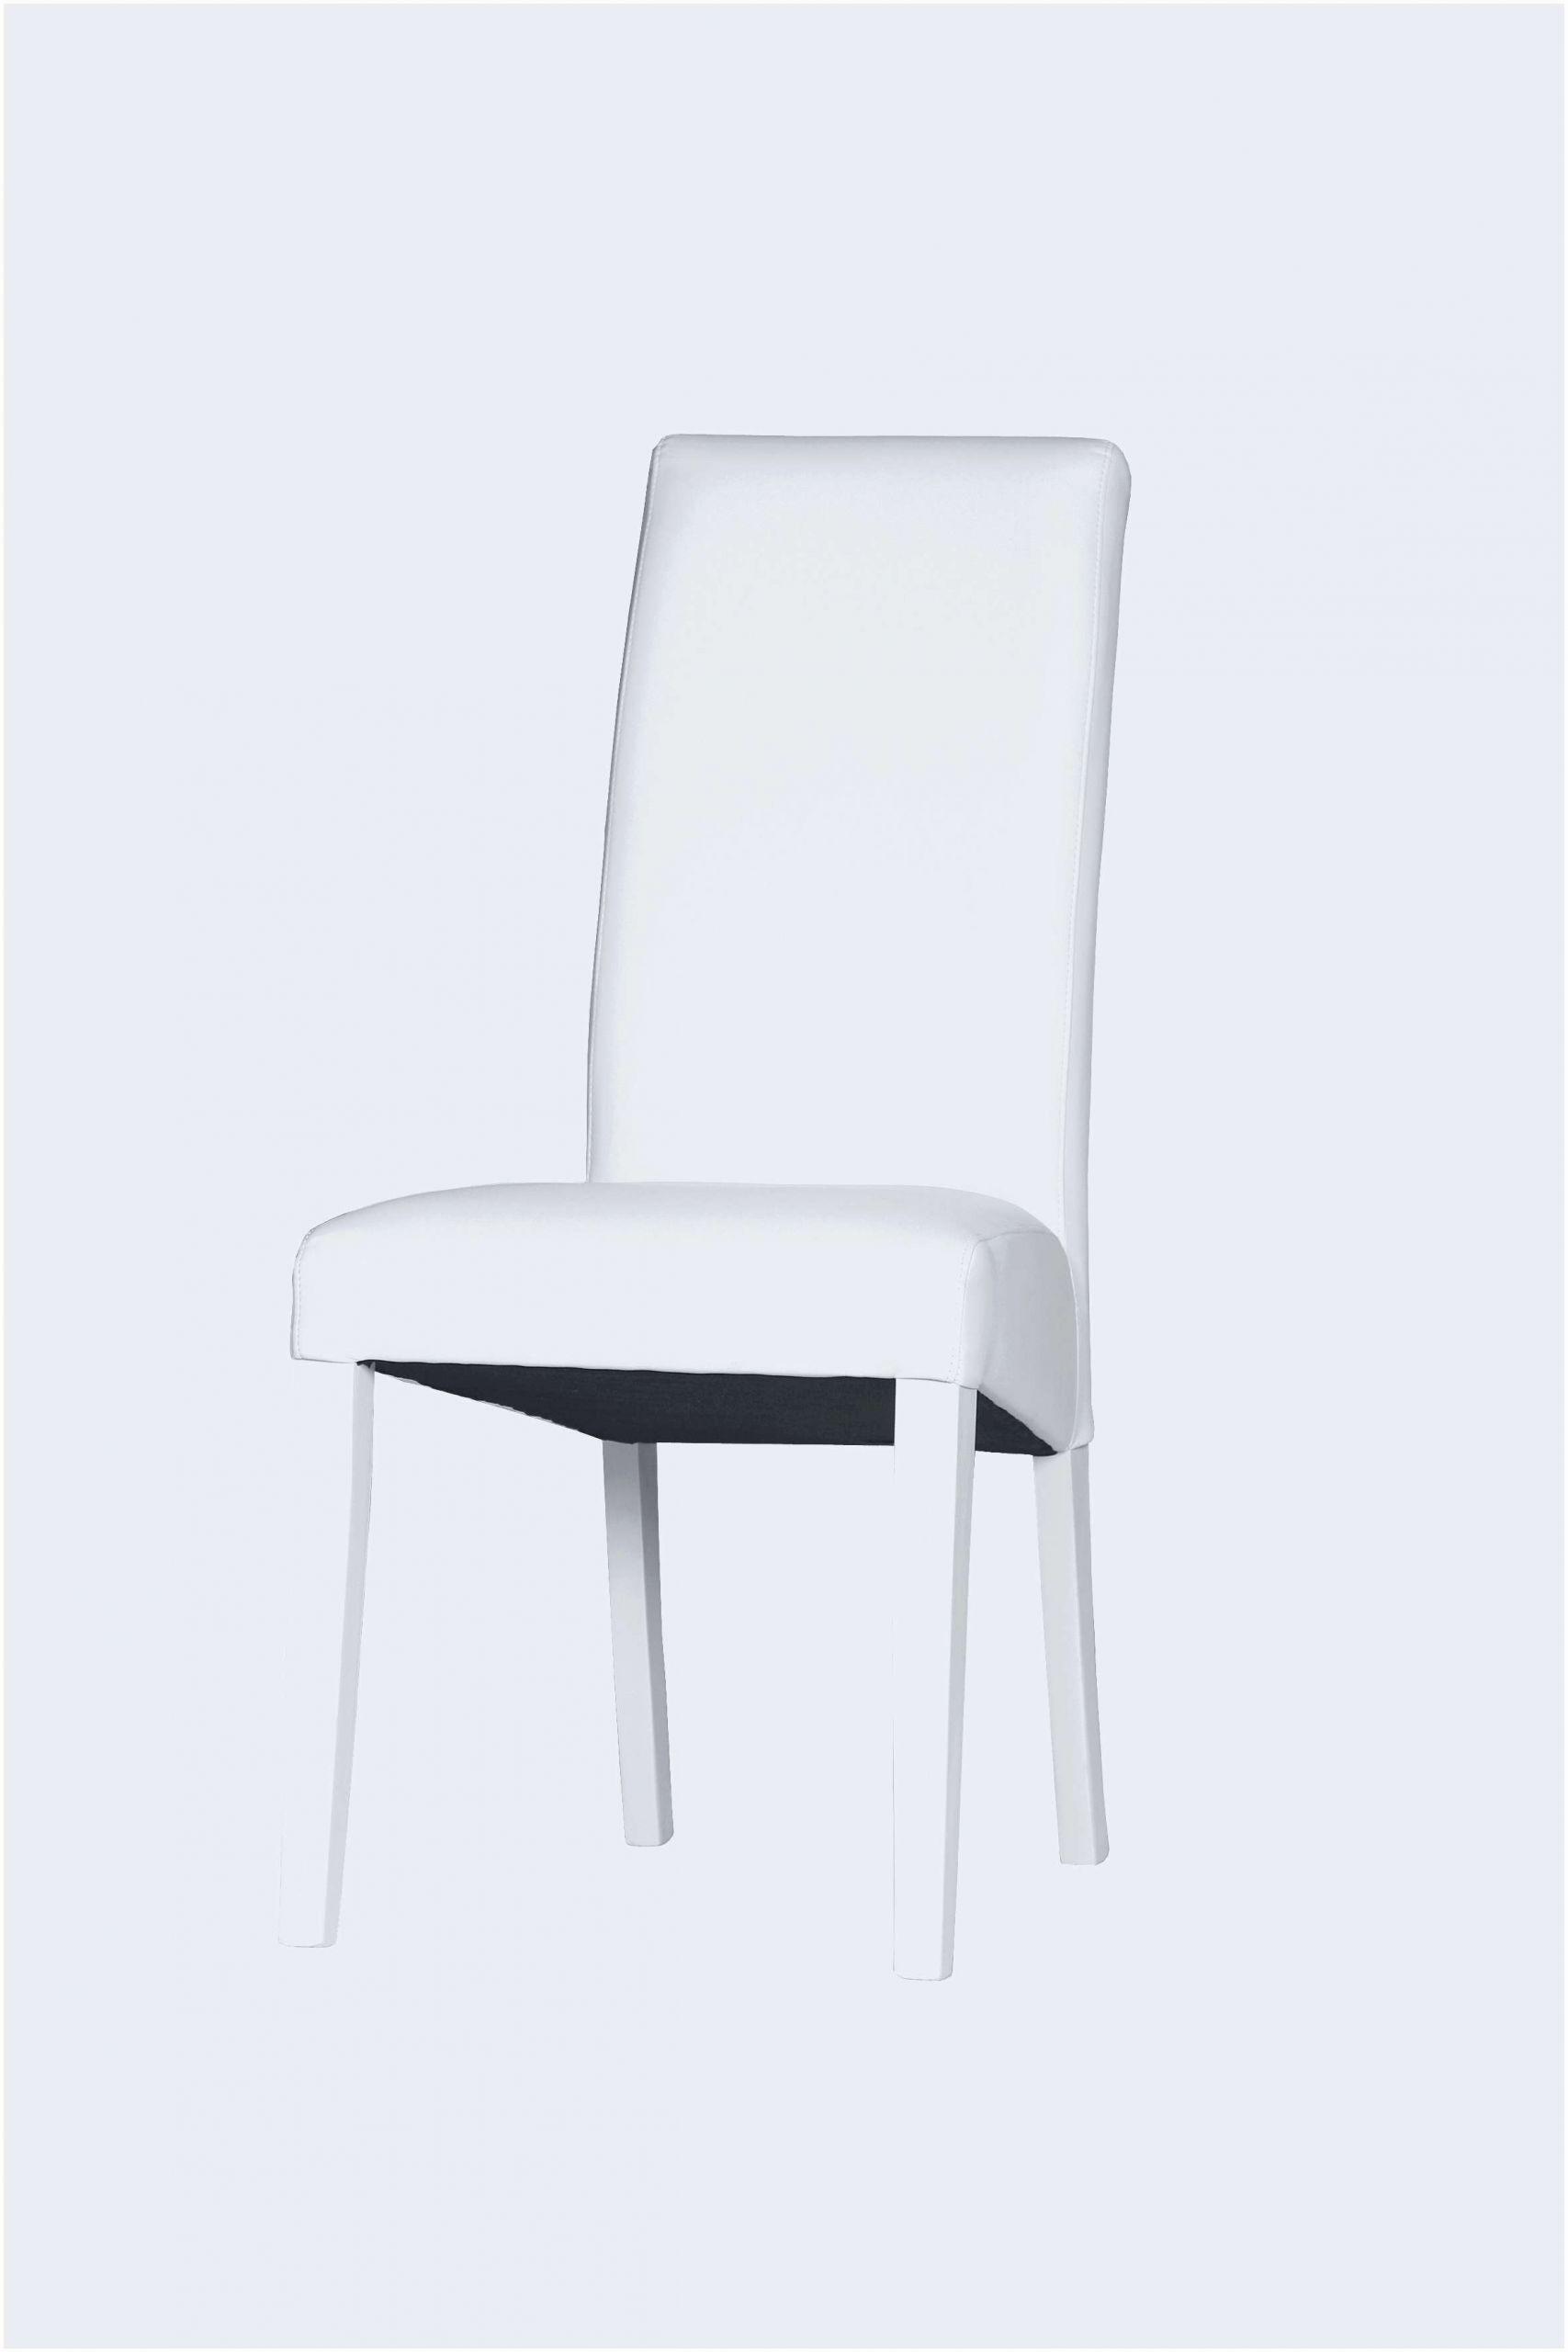 table mange debout style industriel photo de beau mange debout alinea nouveau table haute but alinea chaise 0d of table mange debout style industriel